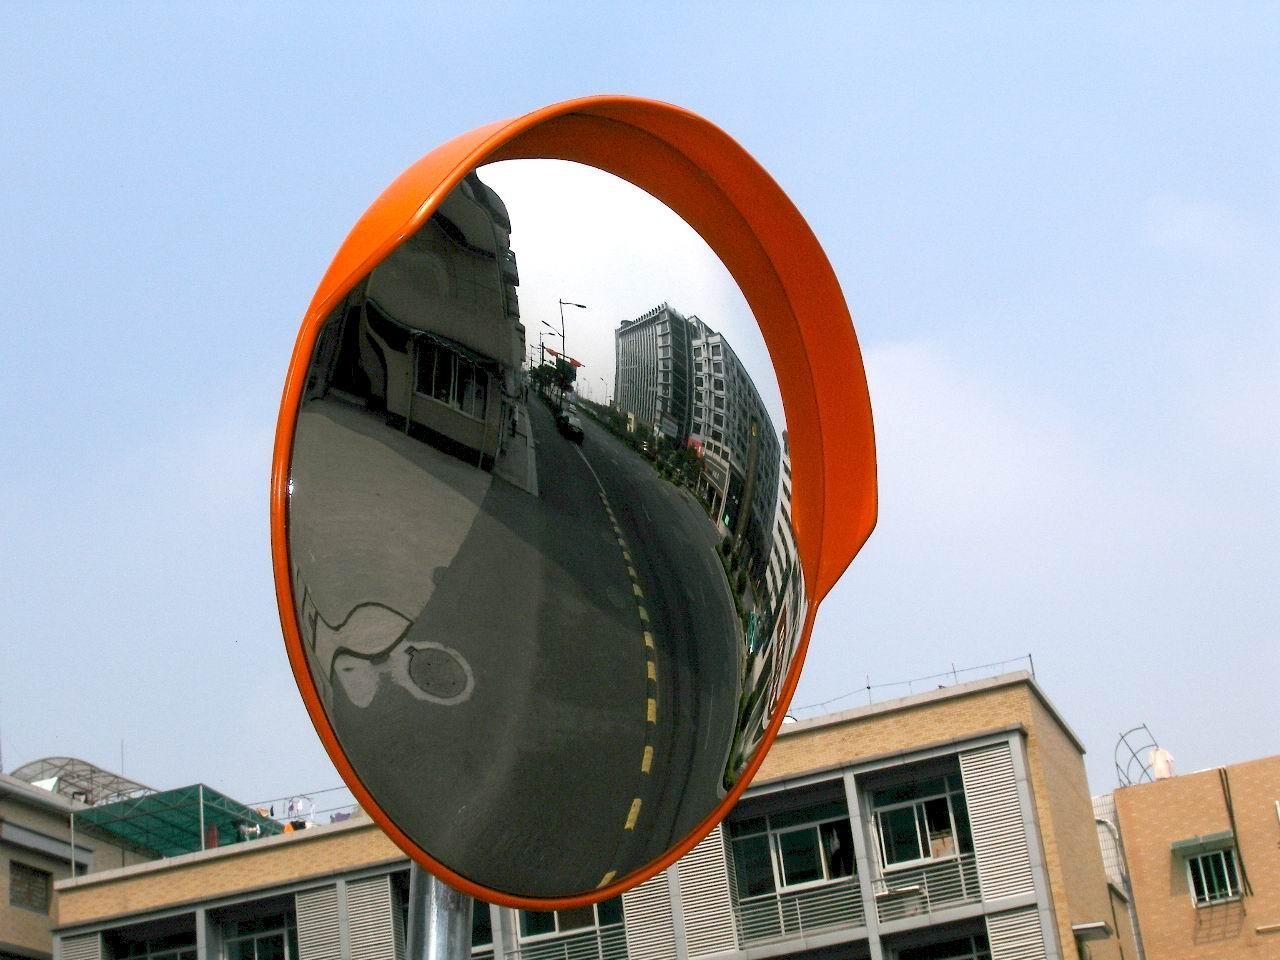 凸面镜,广角镜,广州凸面镜,佛山广角镜各类球面镜资料,价格